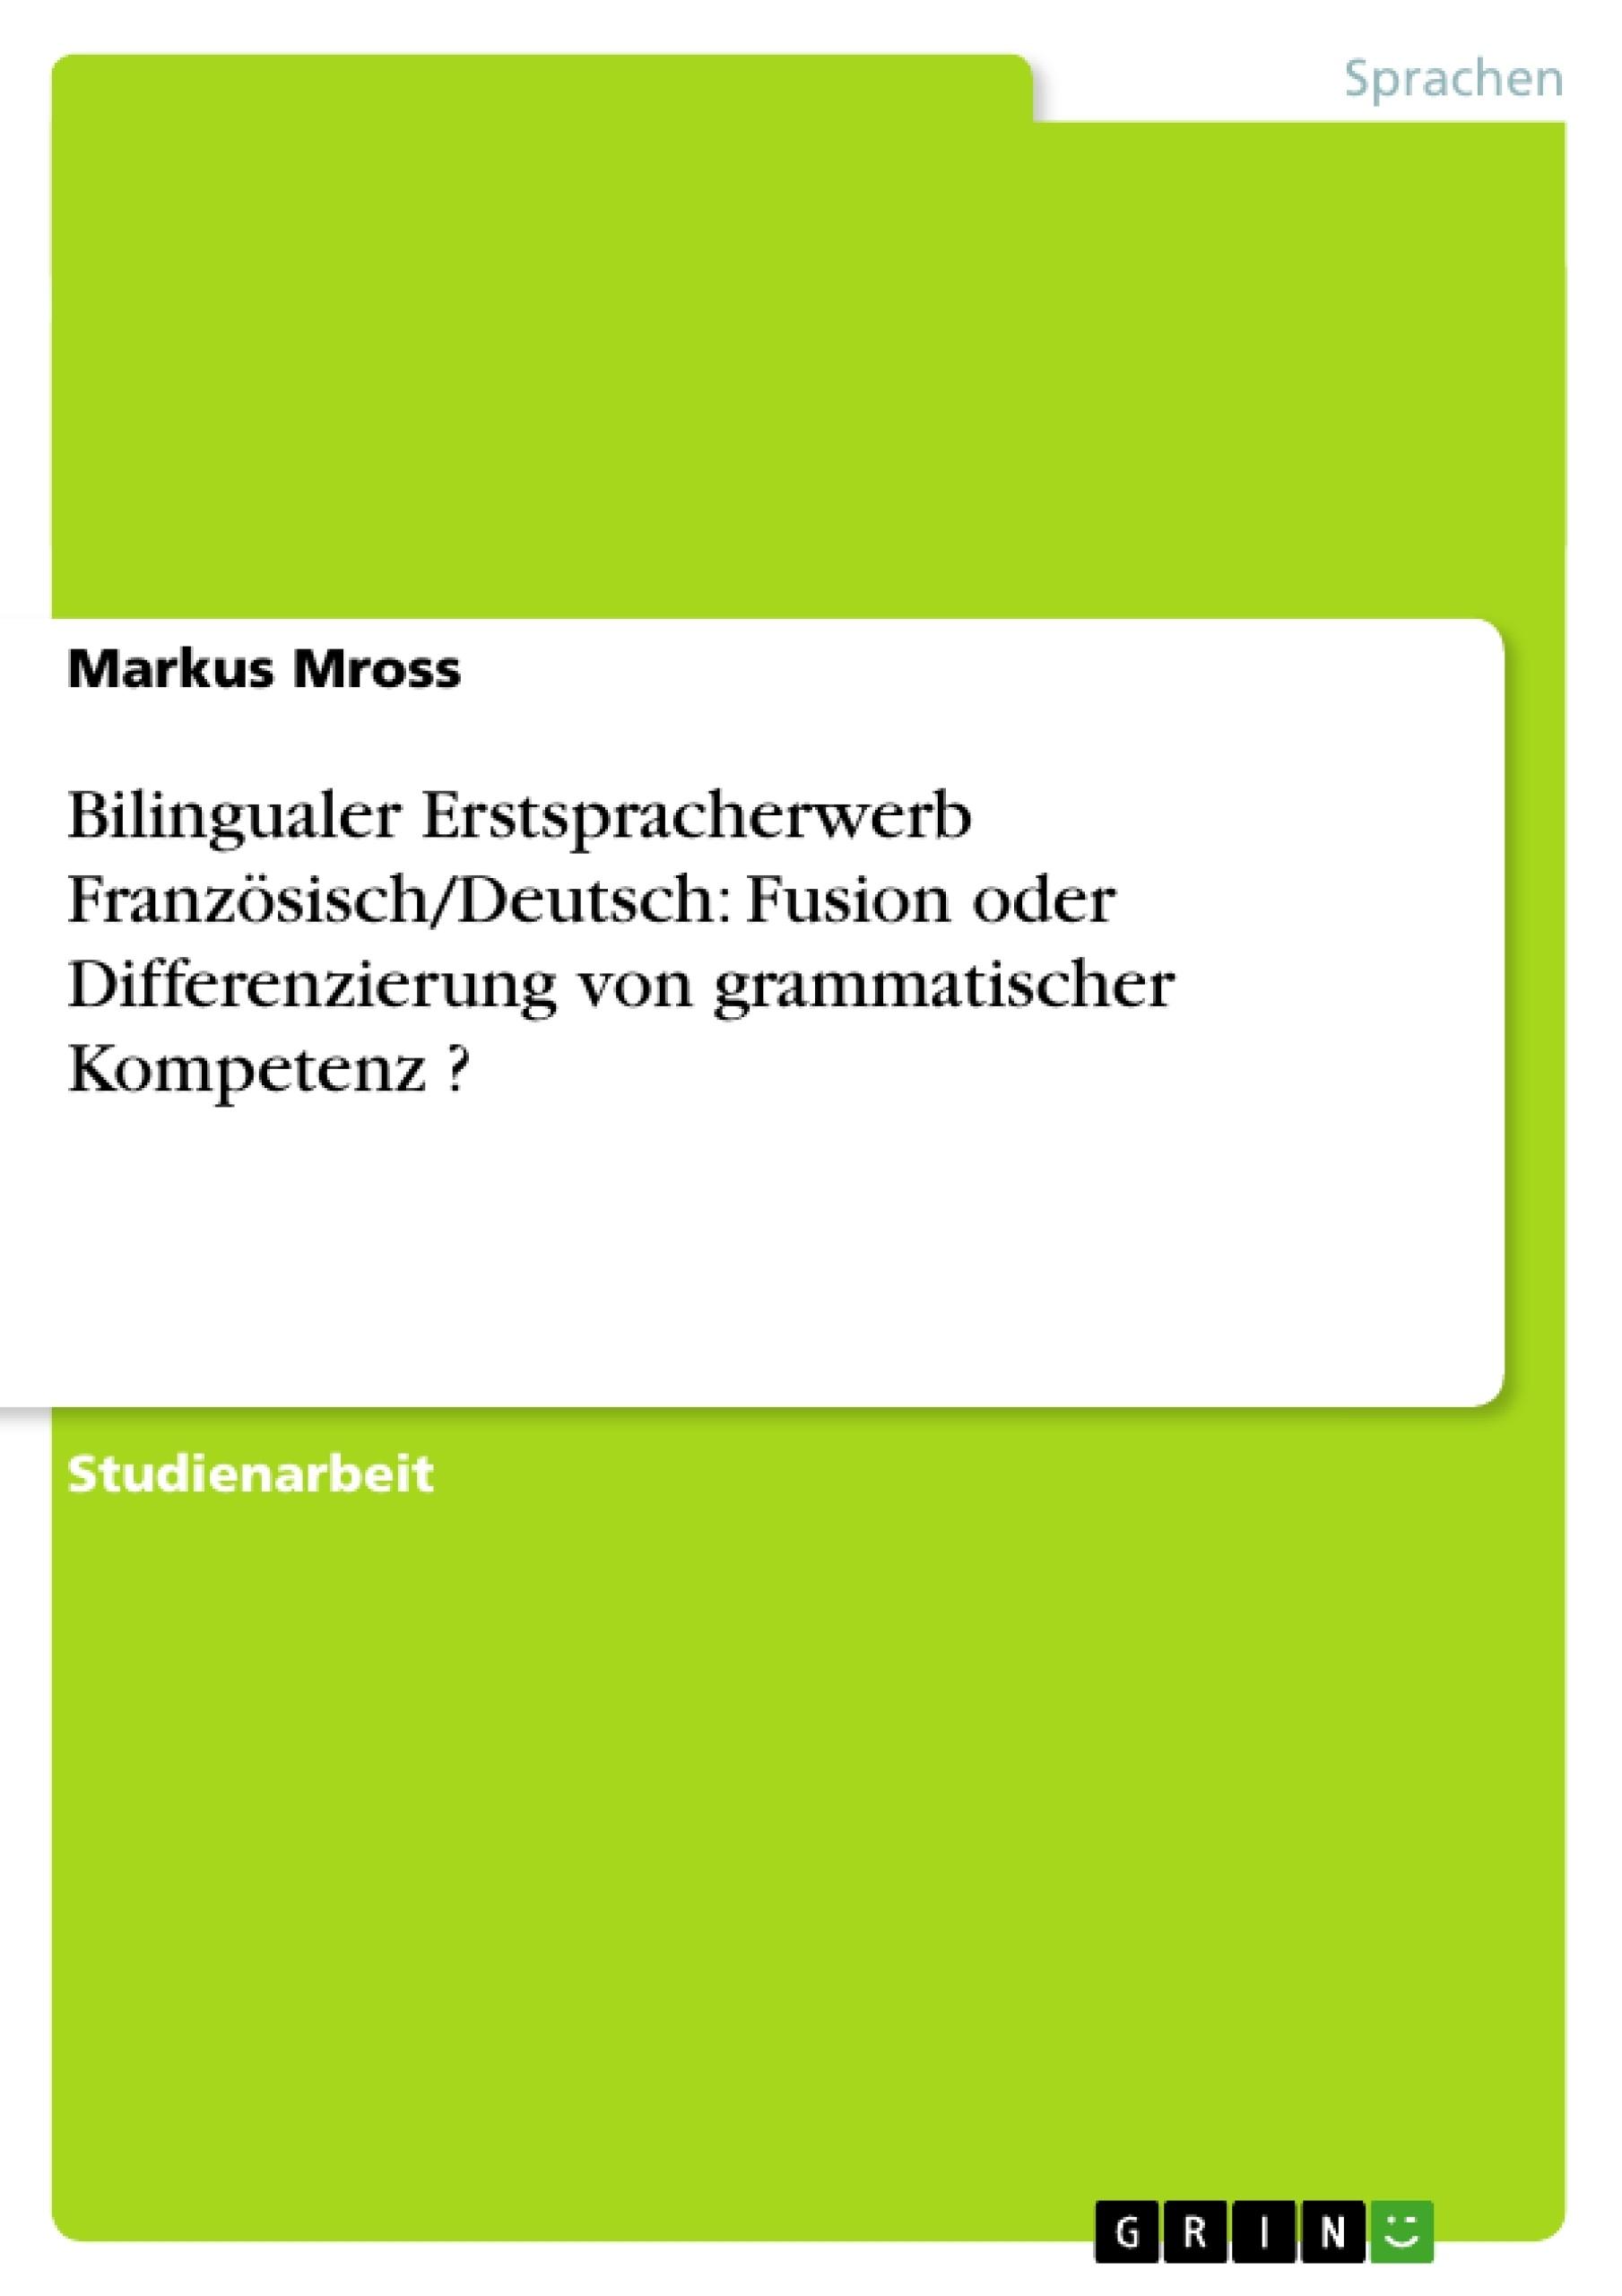 Titel: Bilingualer Erstspracherwerb Französisch/Deutsch: Fusion oder Differenzierung von grammatischer Kompetenz ?